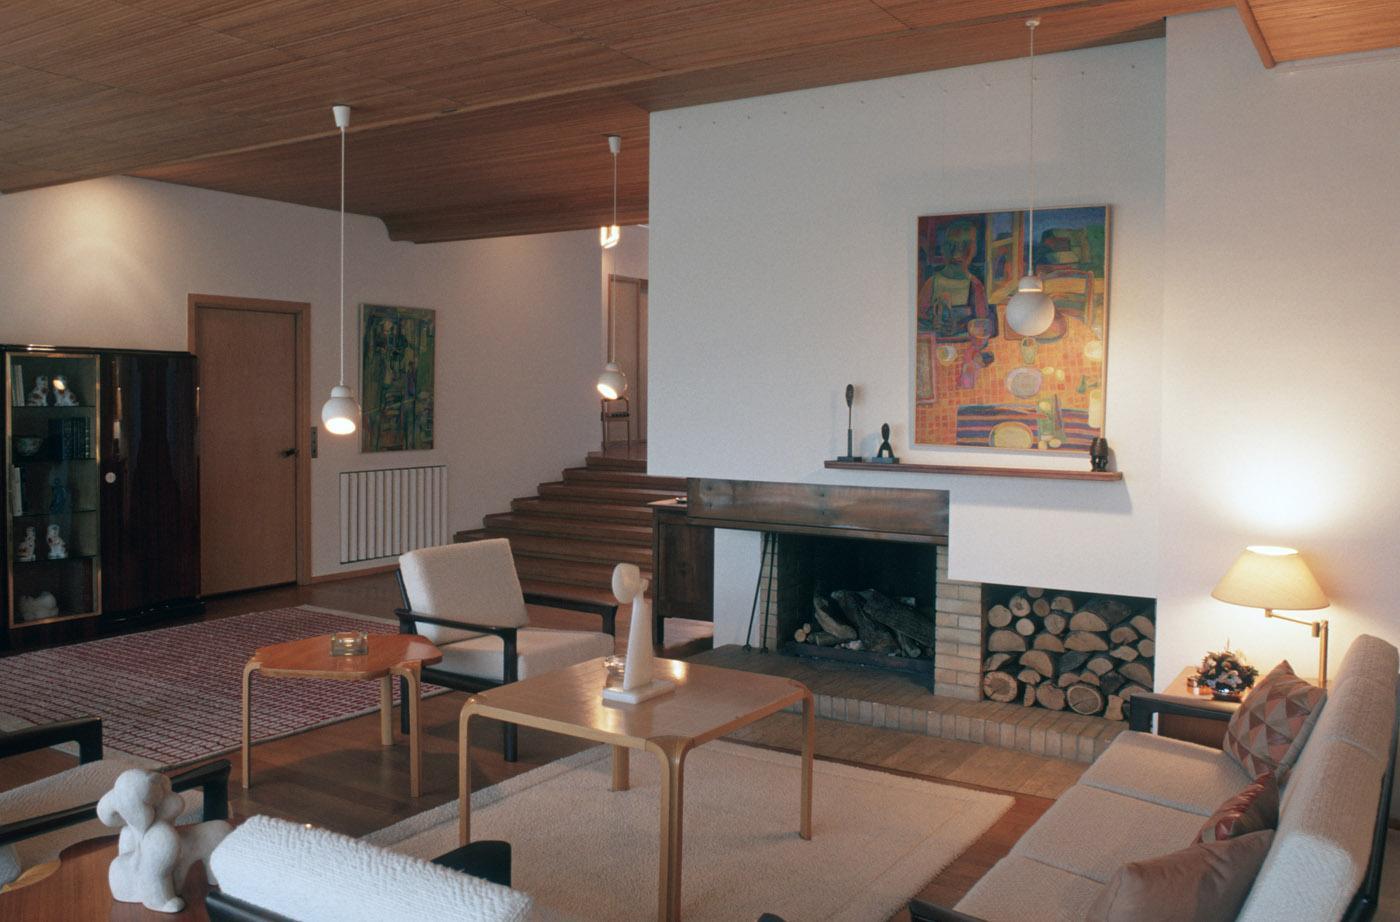 Maison Louis Carré's livingroom